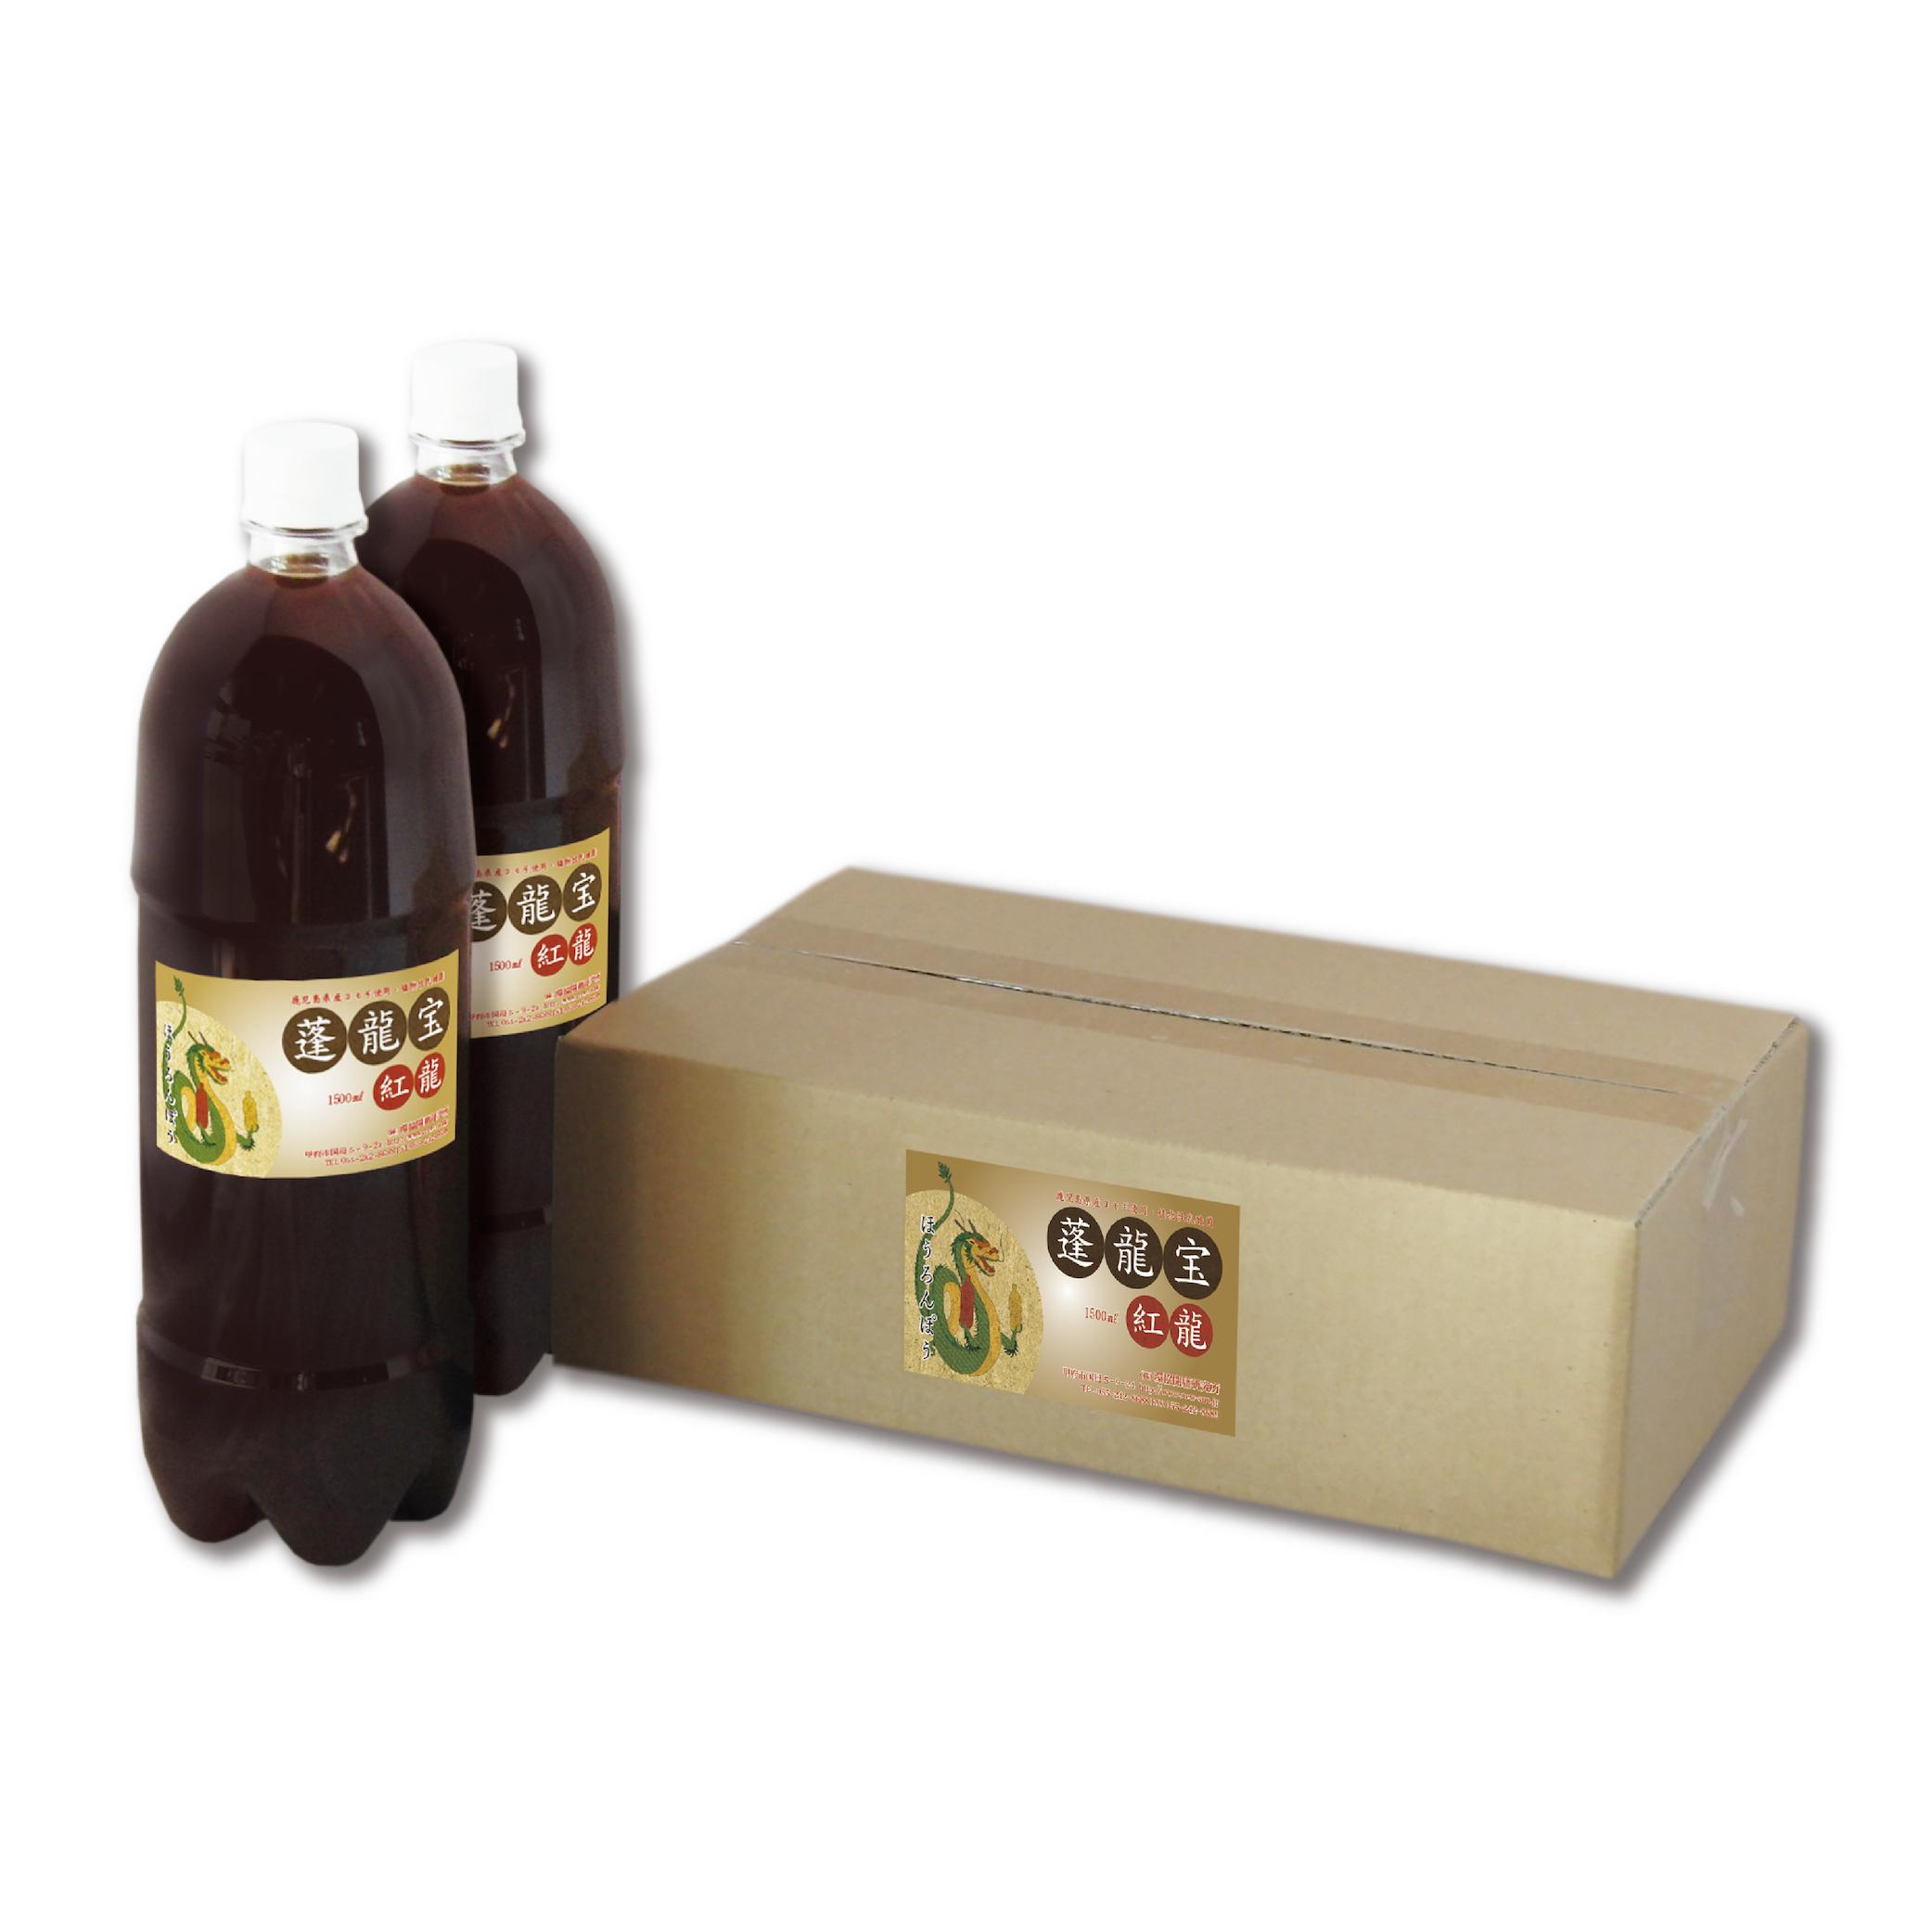 蓬乳酸菌液ホウロンポウ 1.5 liter2本箱入り